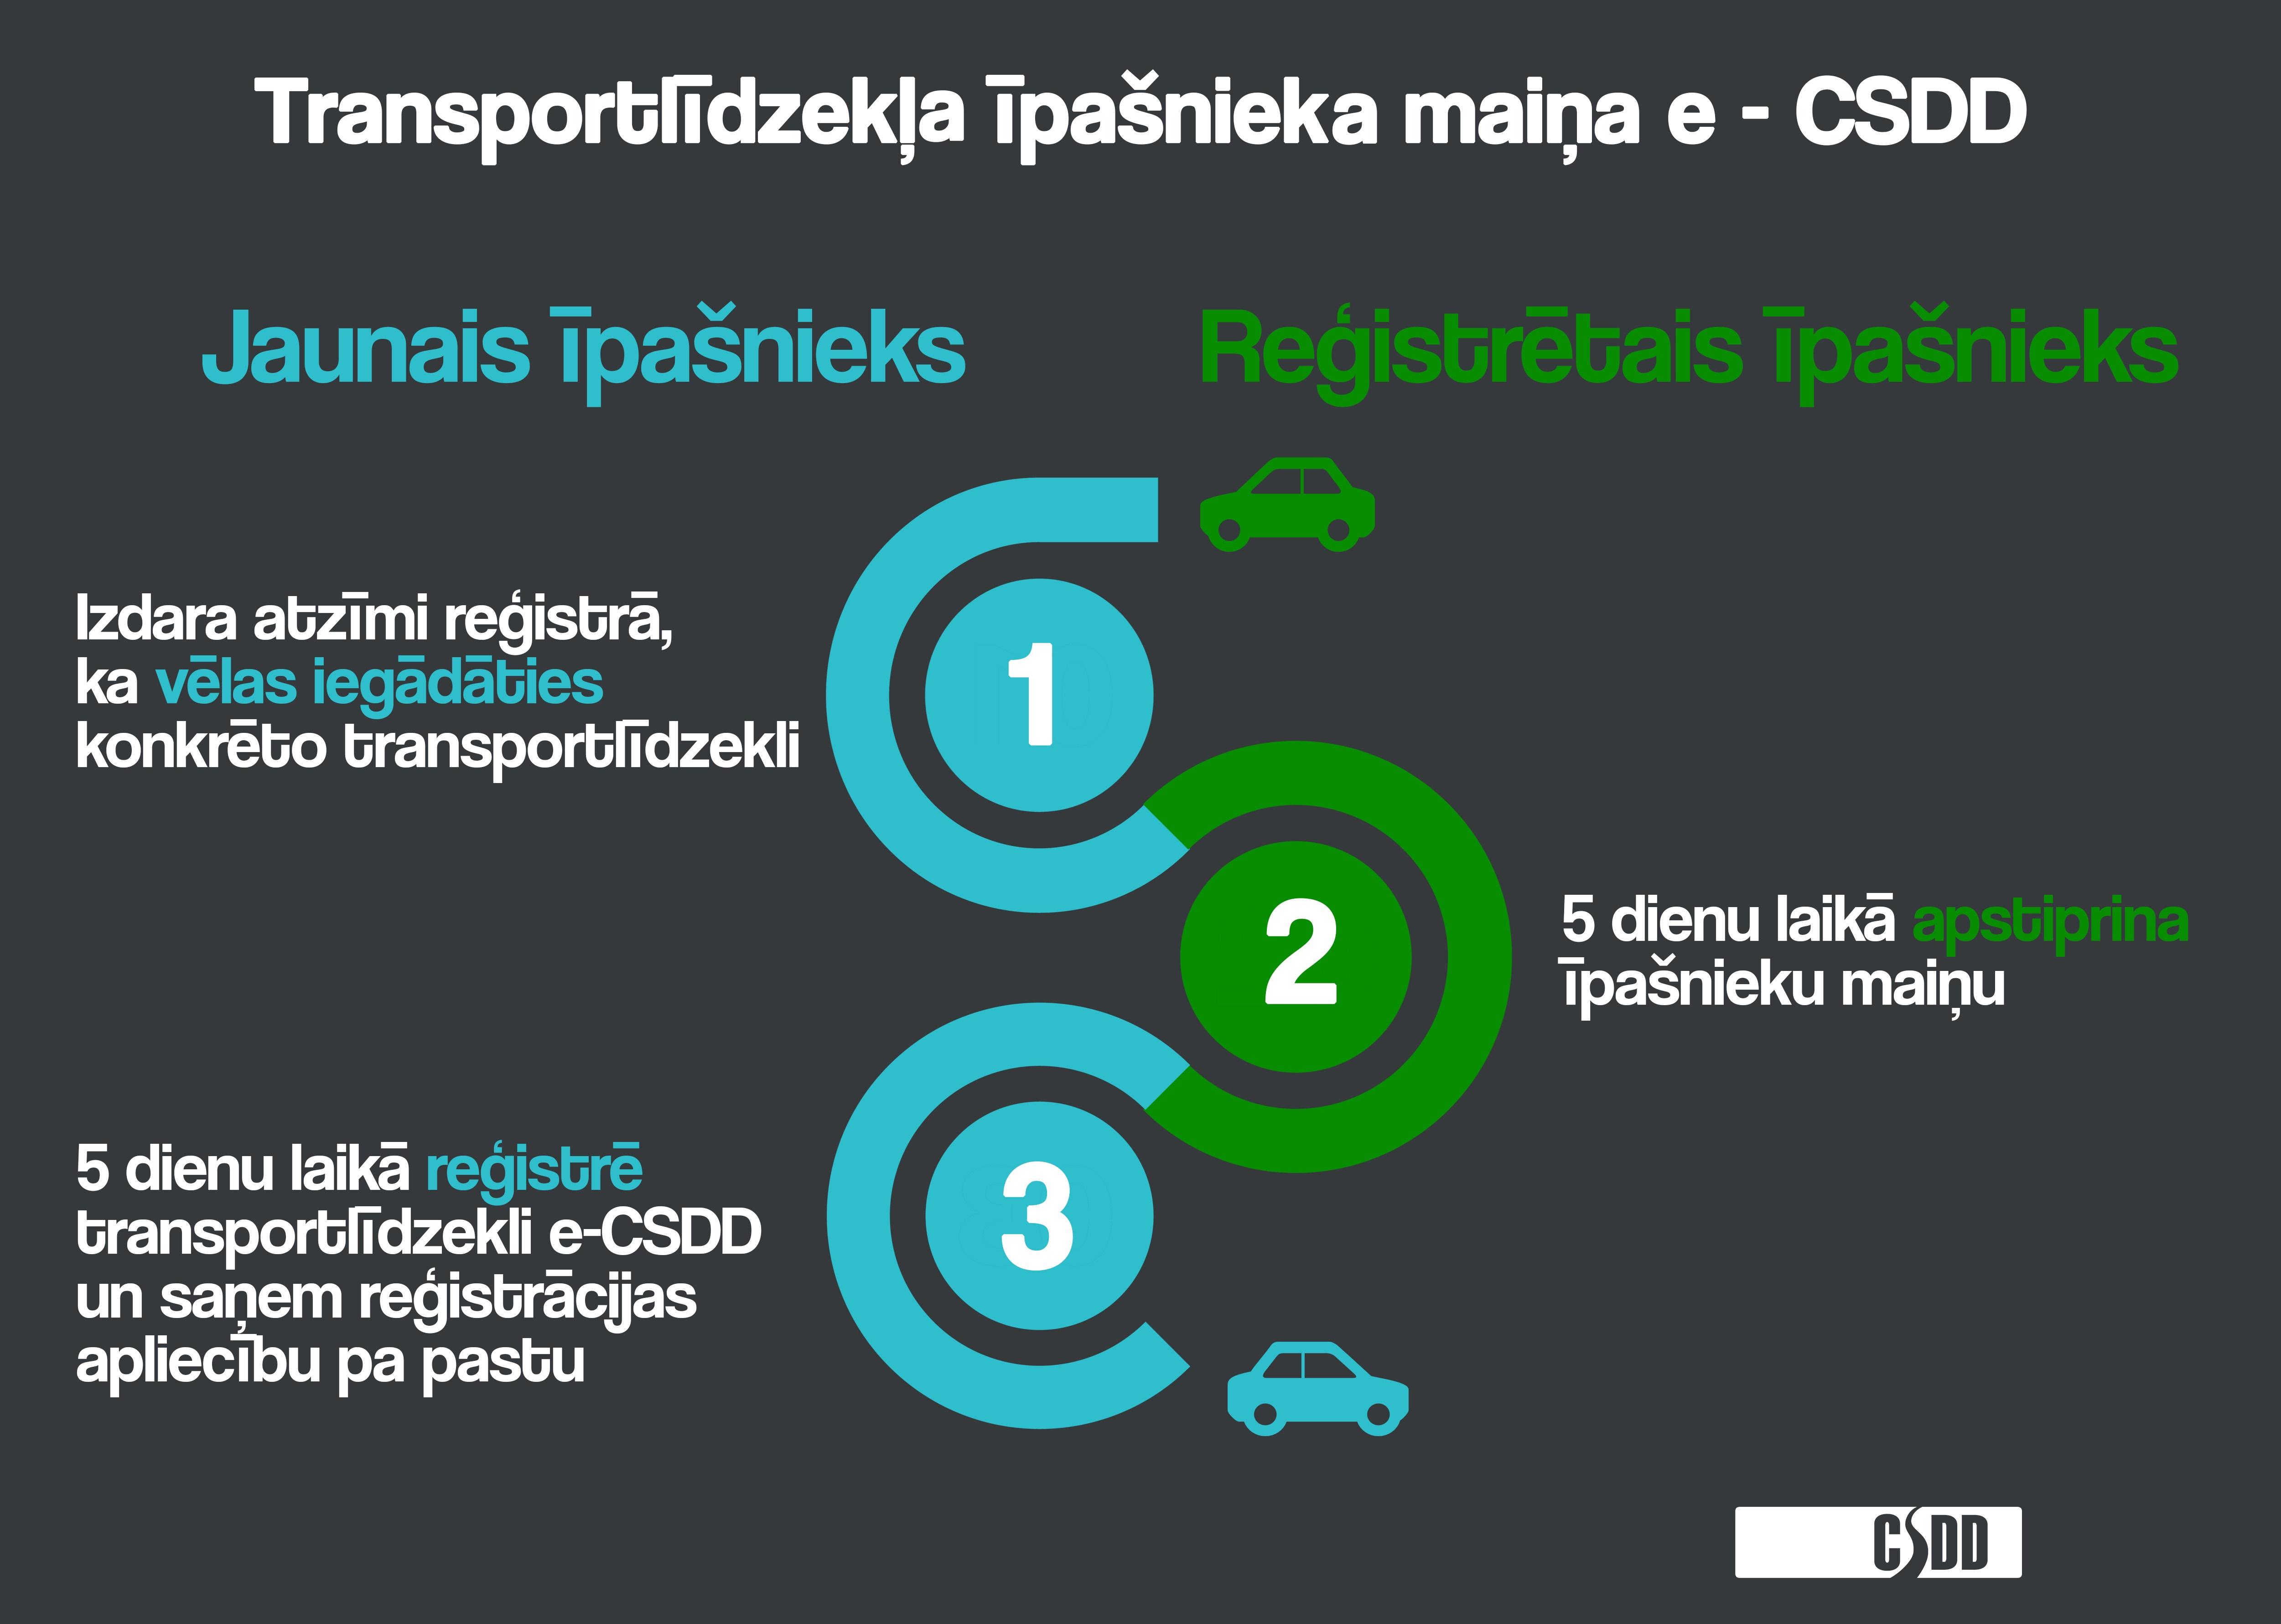 autodengi interneta izpeļņas pieteikšanās reģistrācija